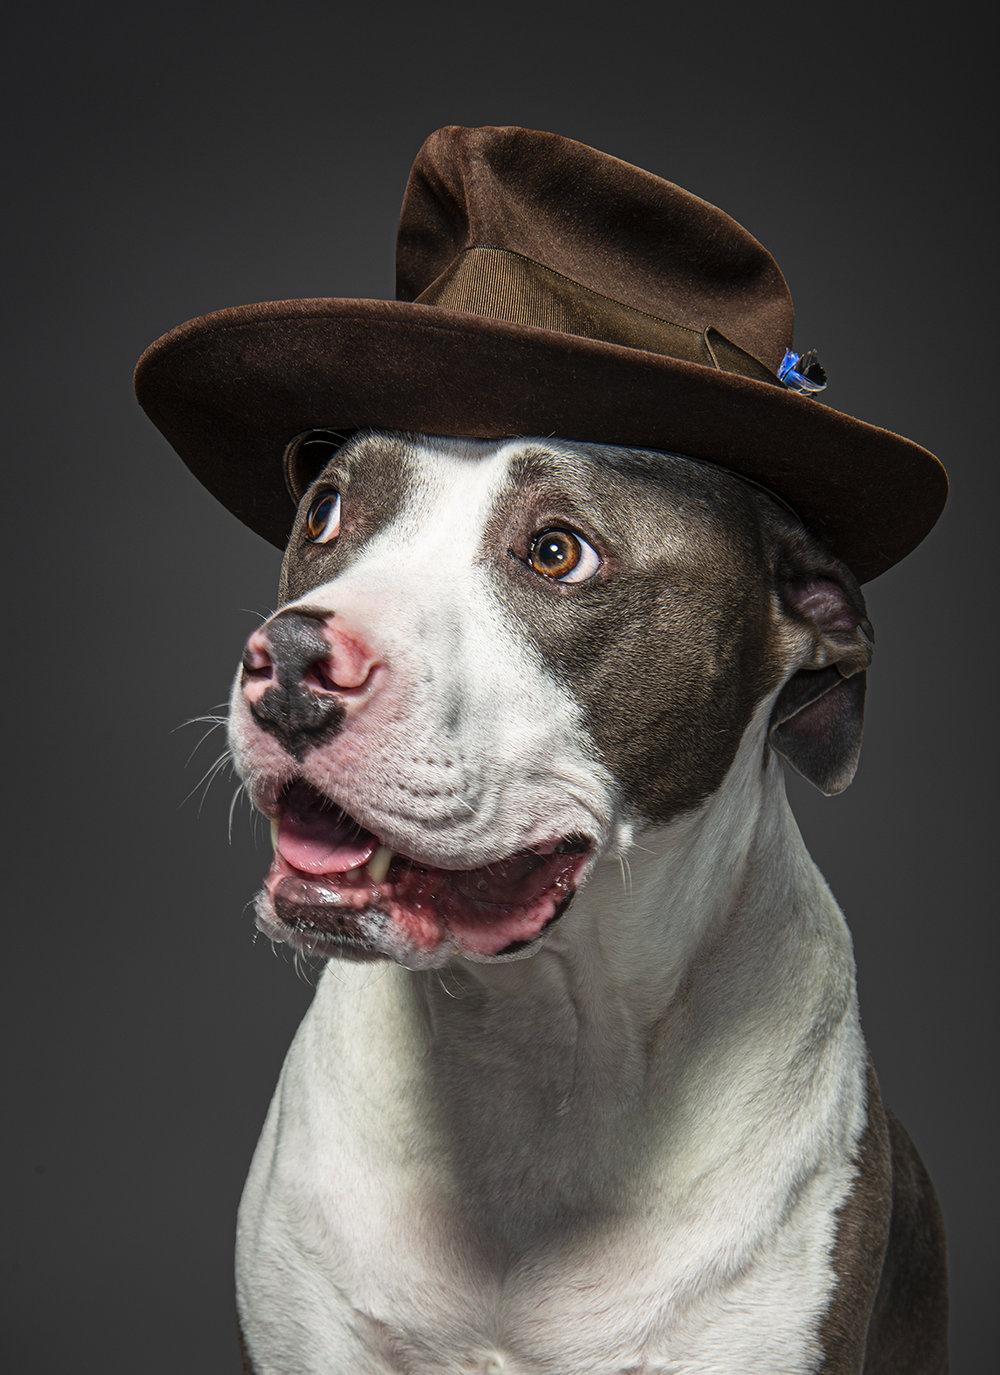 Dog_Portraits_Gunnar.jpg